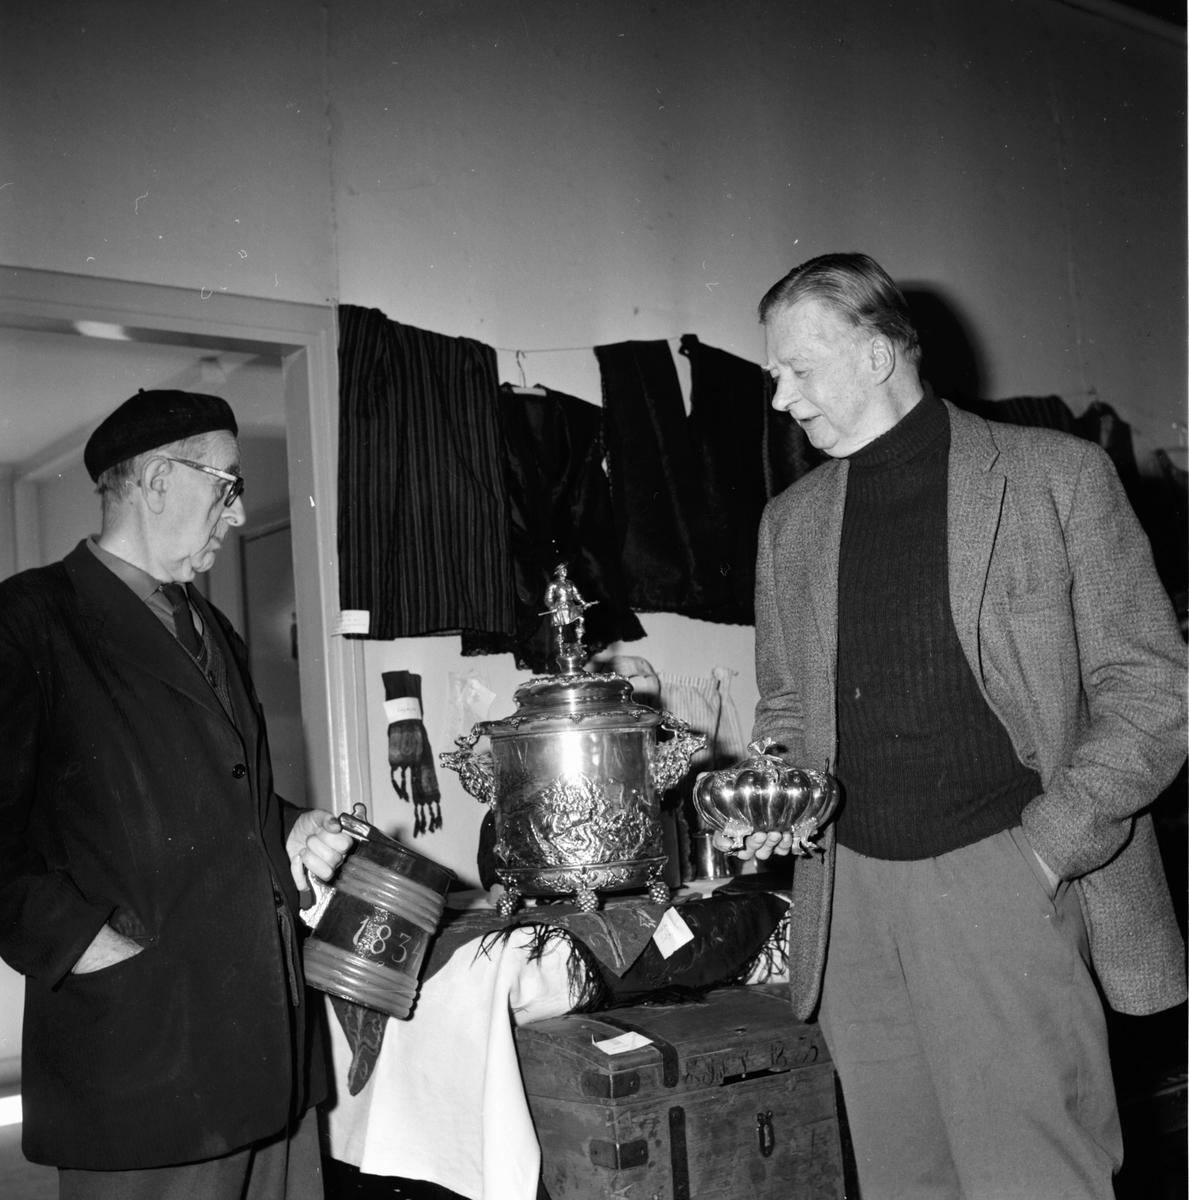 Landafors, Utställning i församlingshemmet, 3 Maj 1967